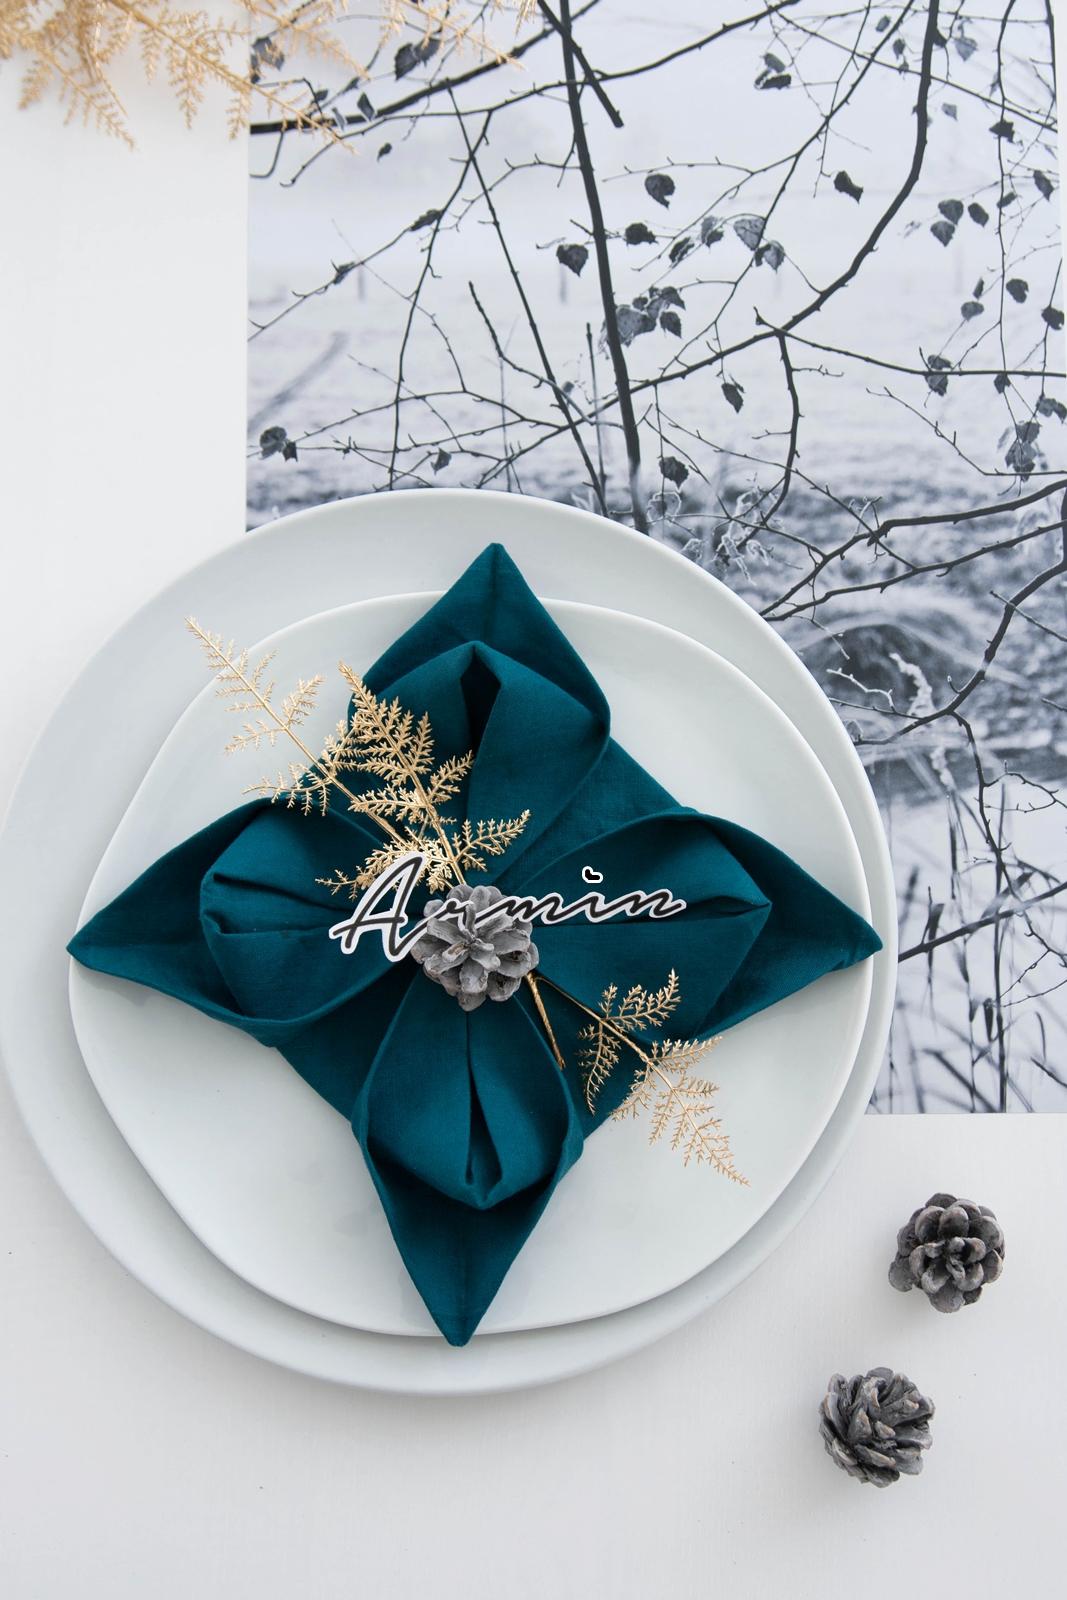 Serviettenblume falten für Weihnachten #sinnenrauschAdventskalender